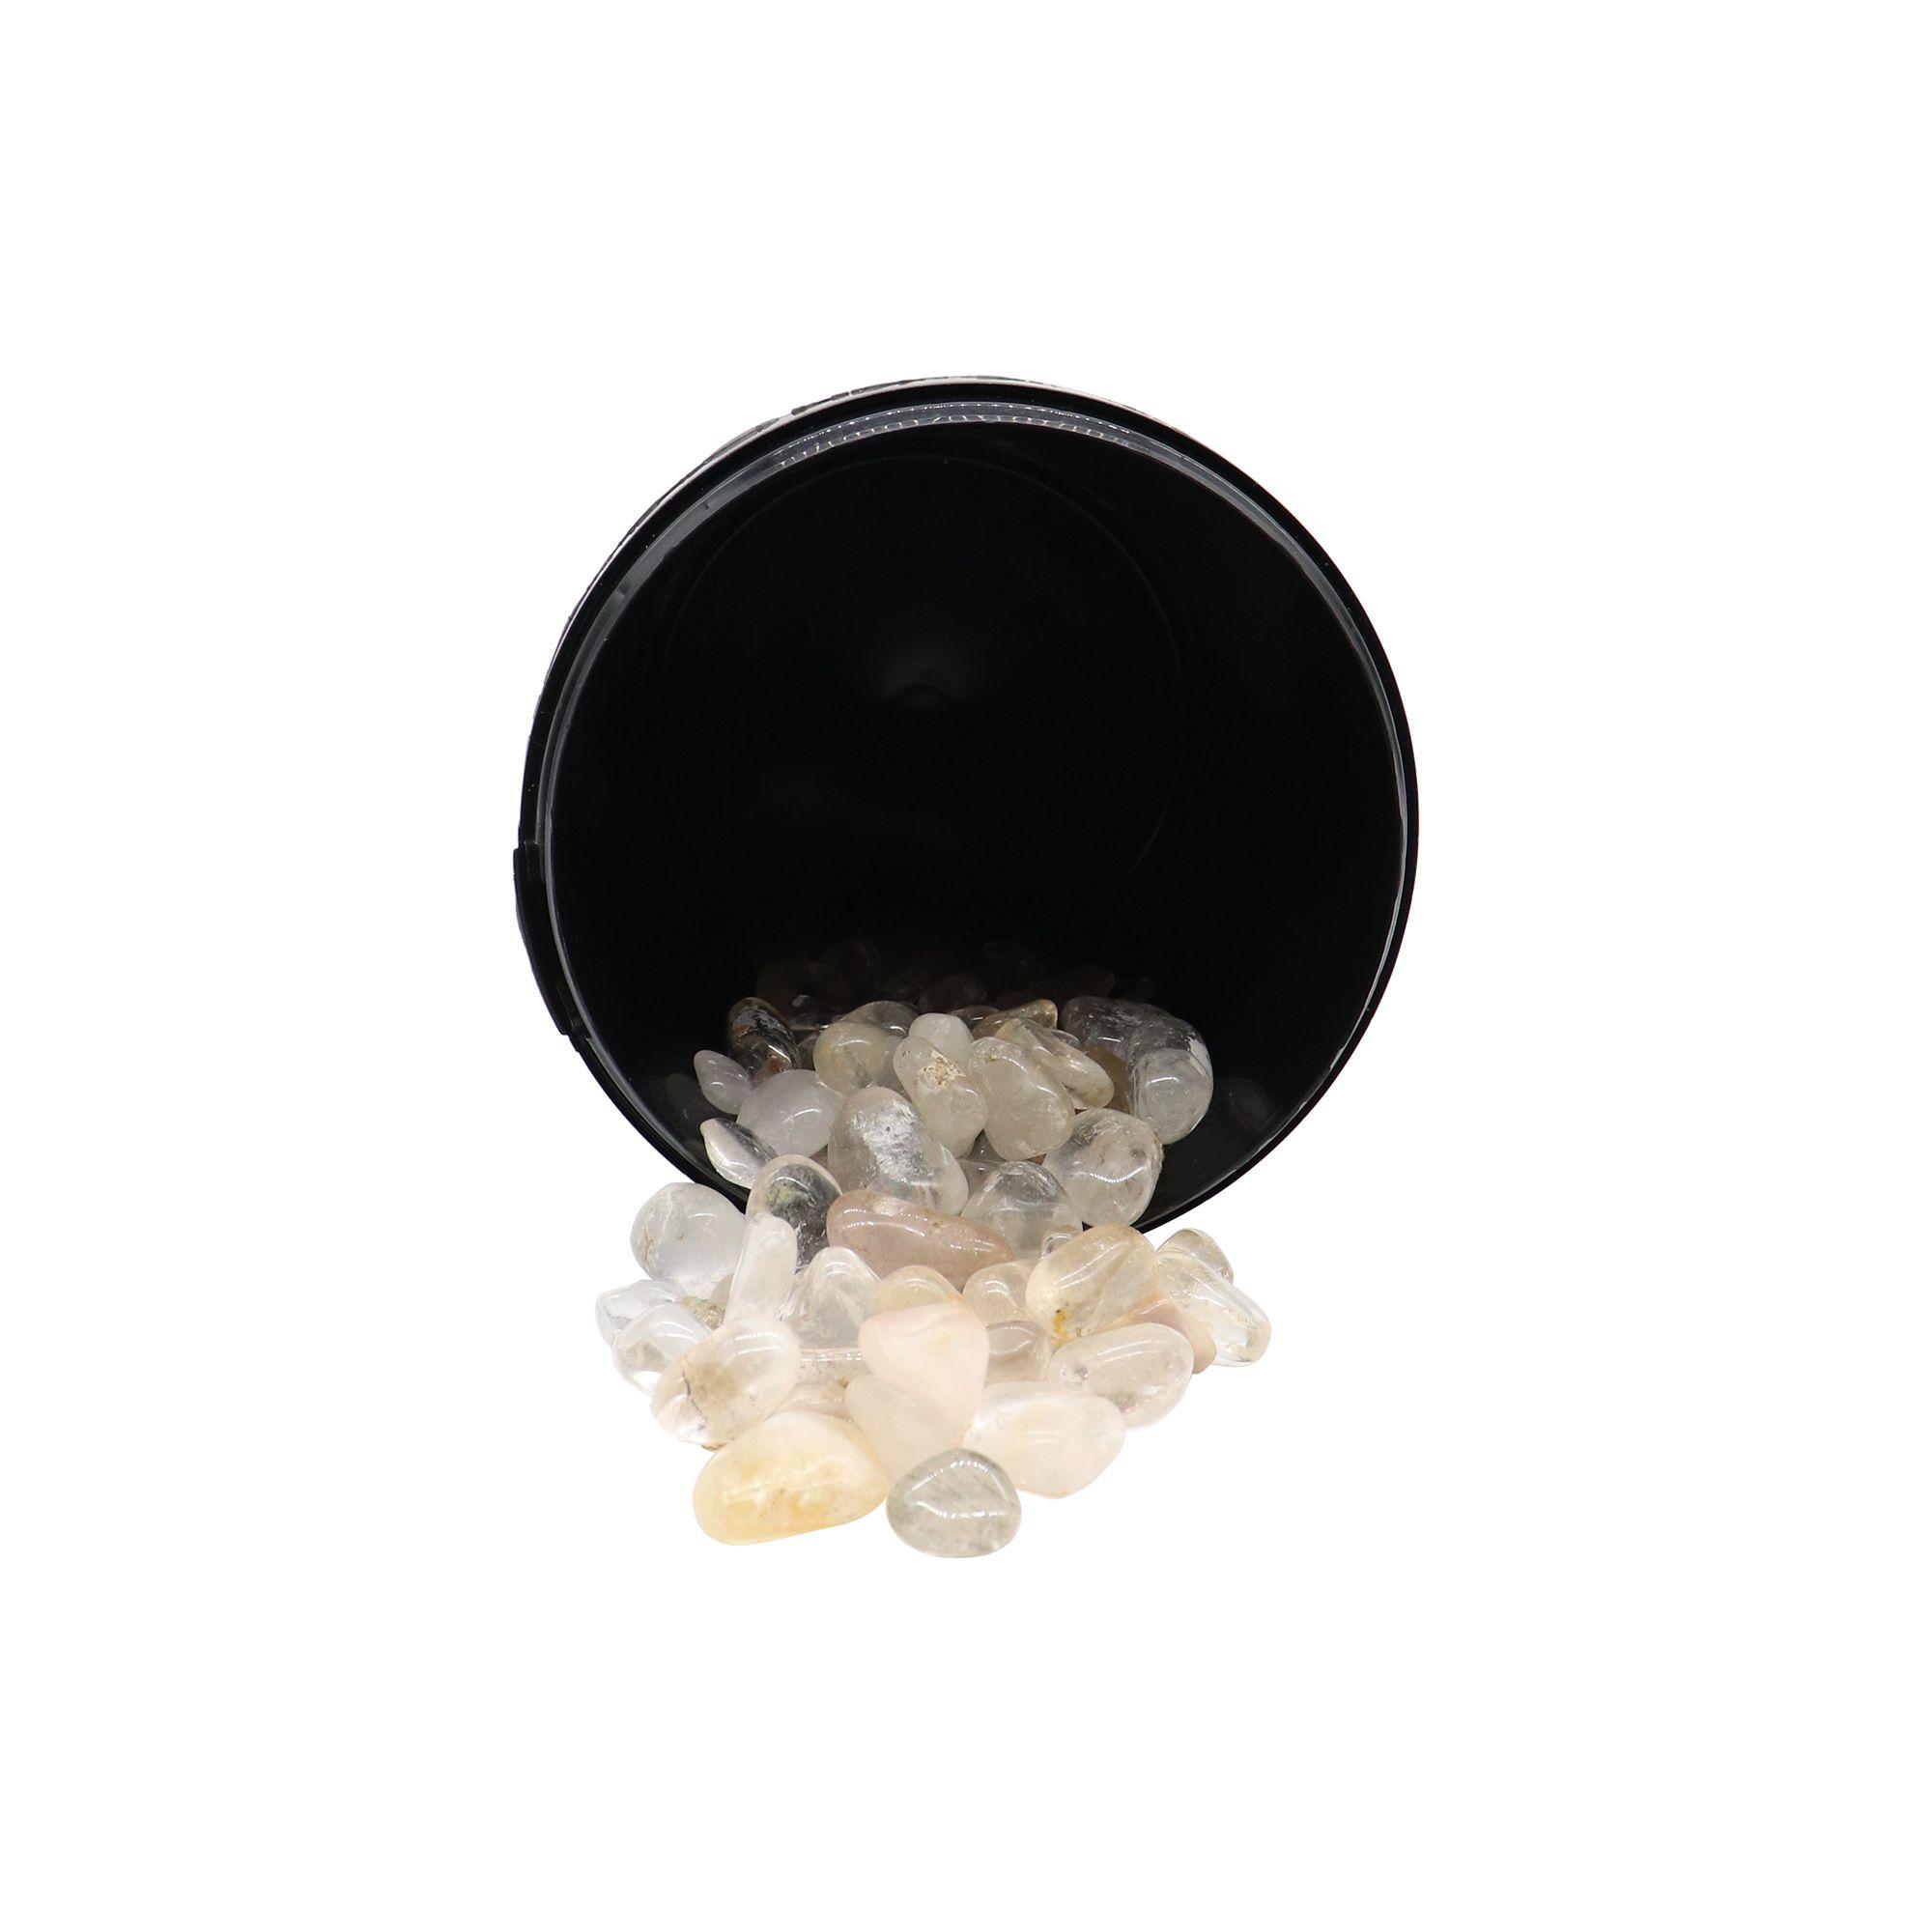 Kit com 5 pedras Quartzo branco ~ 7 à 25g